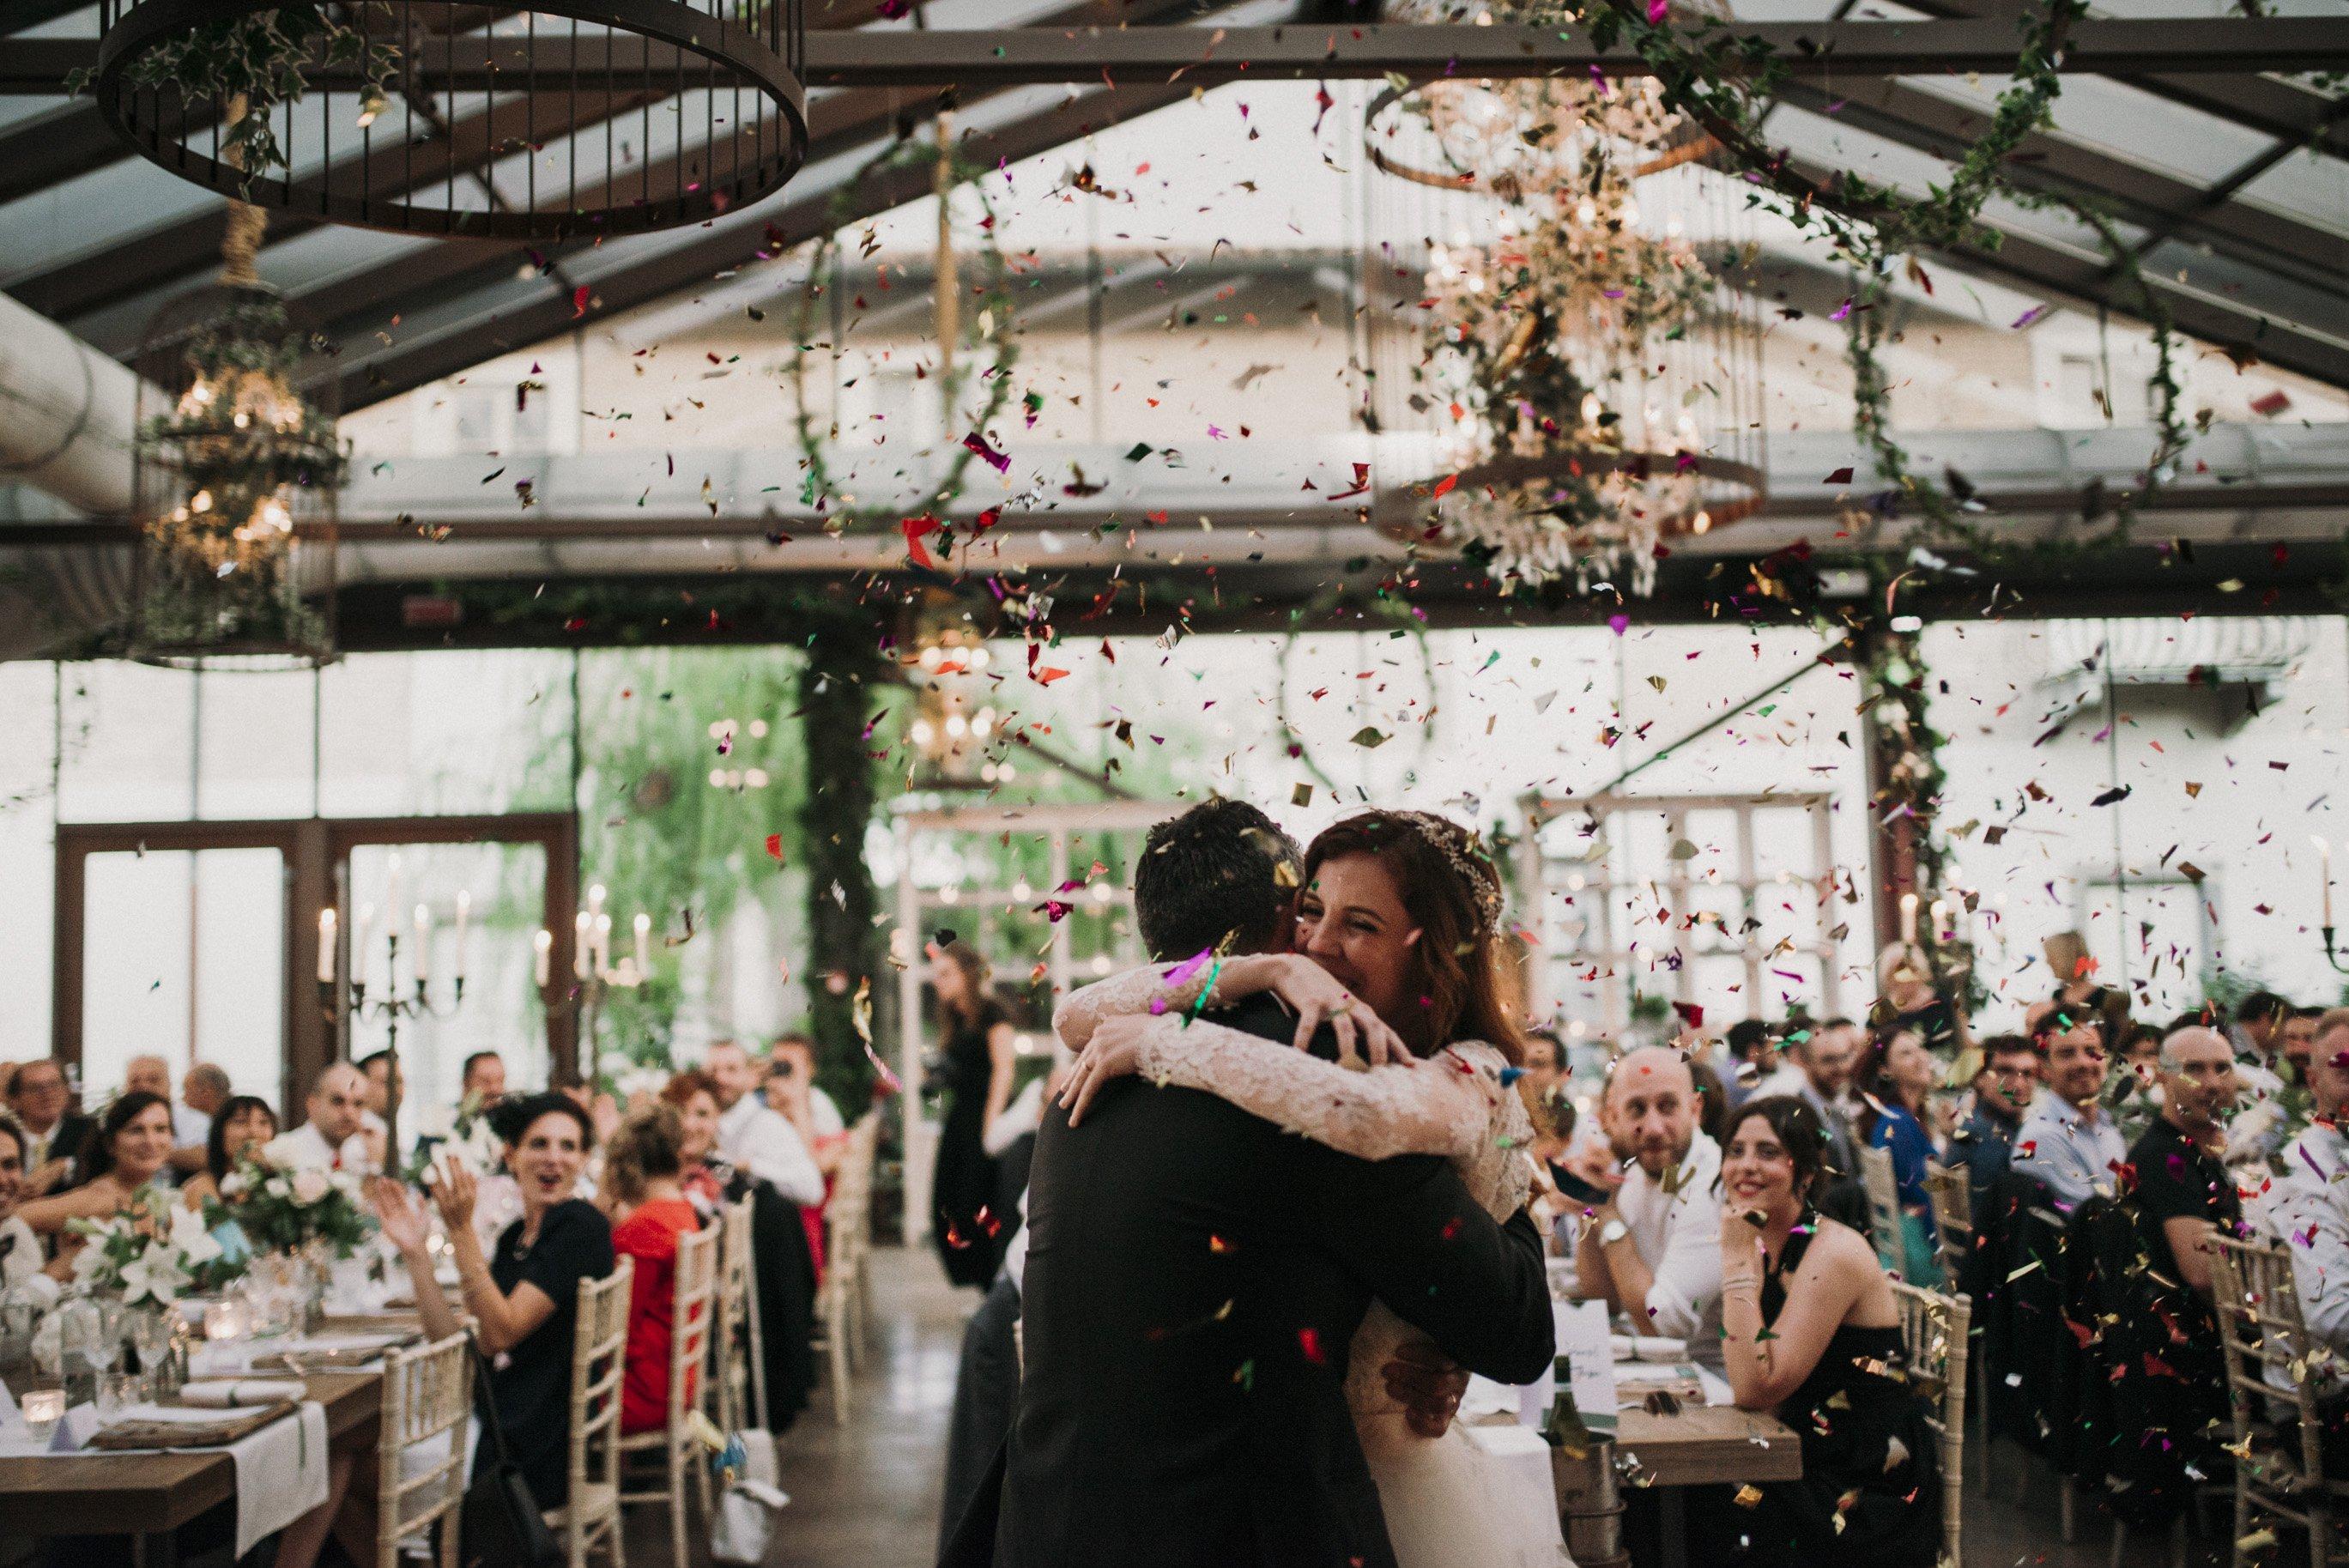 wedding party ogni fotografia è importante